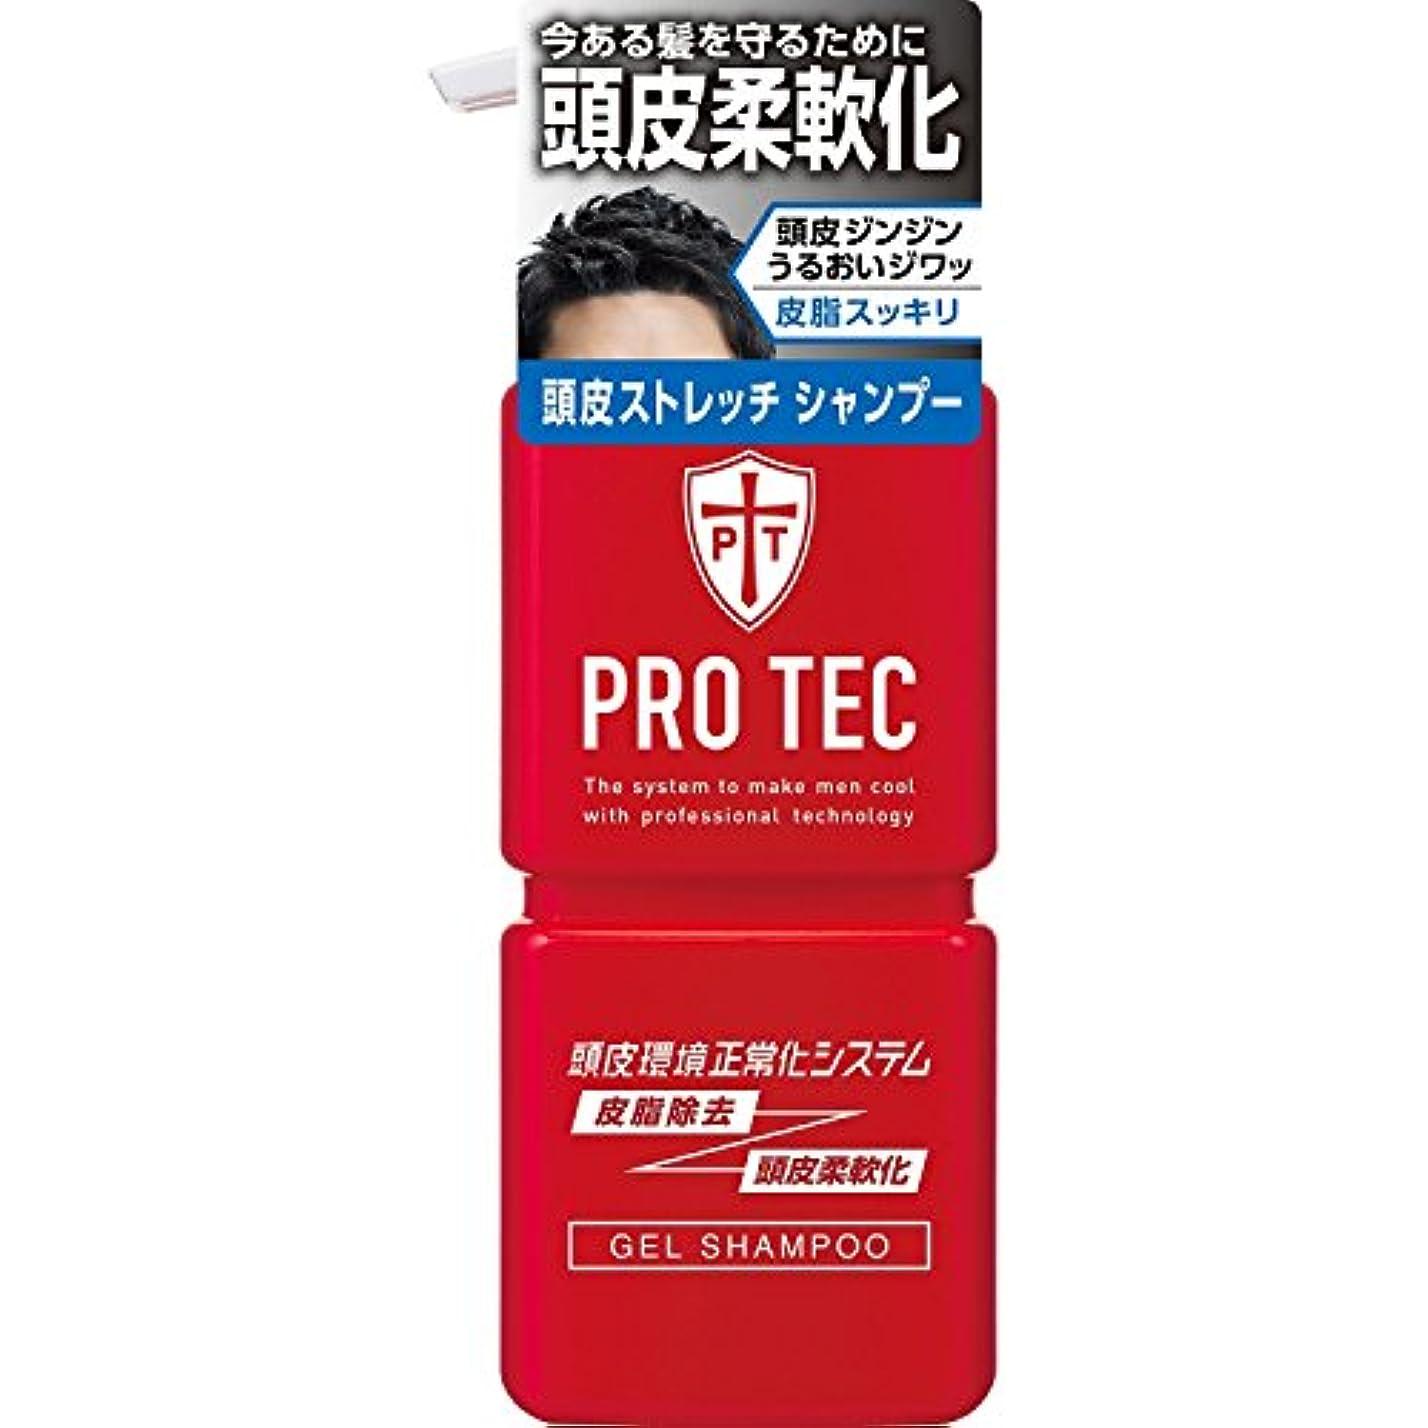 スクワイアカウンターパート実行するPRO TEC(プロテク) 頭皮ストレッチ シャンプー 本体ポンプ 300g(医薬部外品)